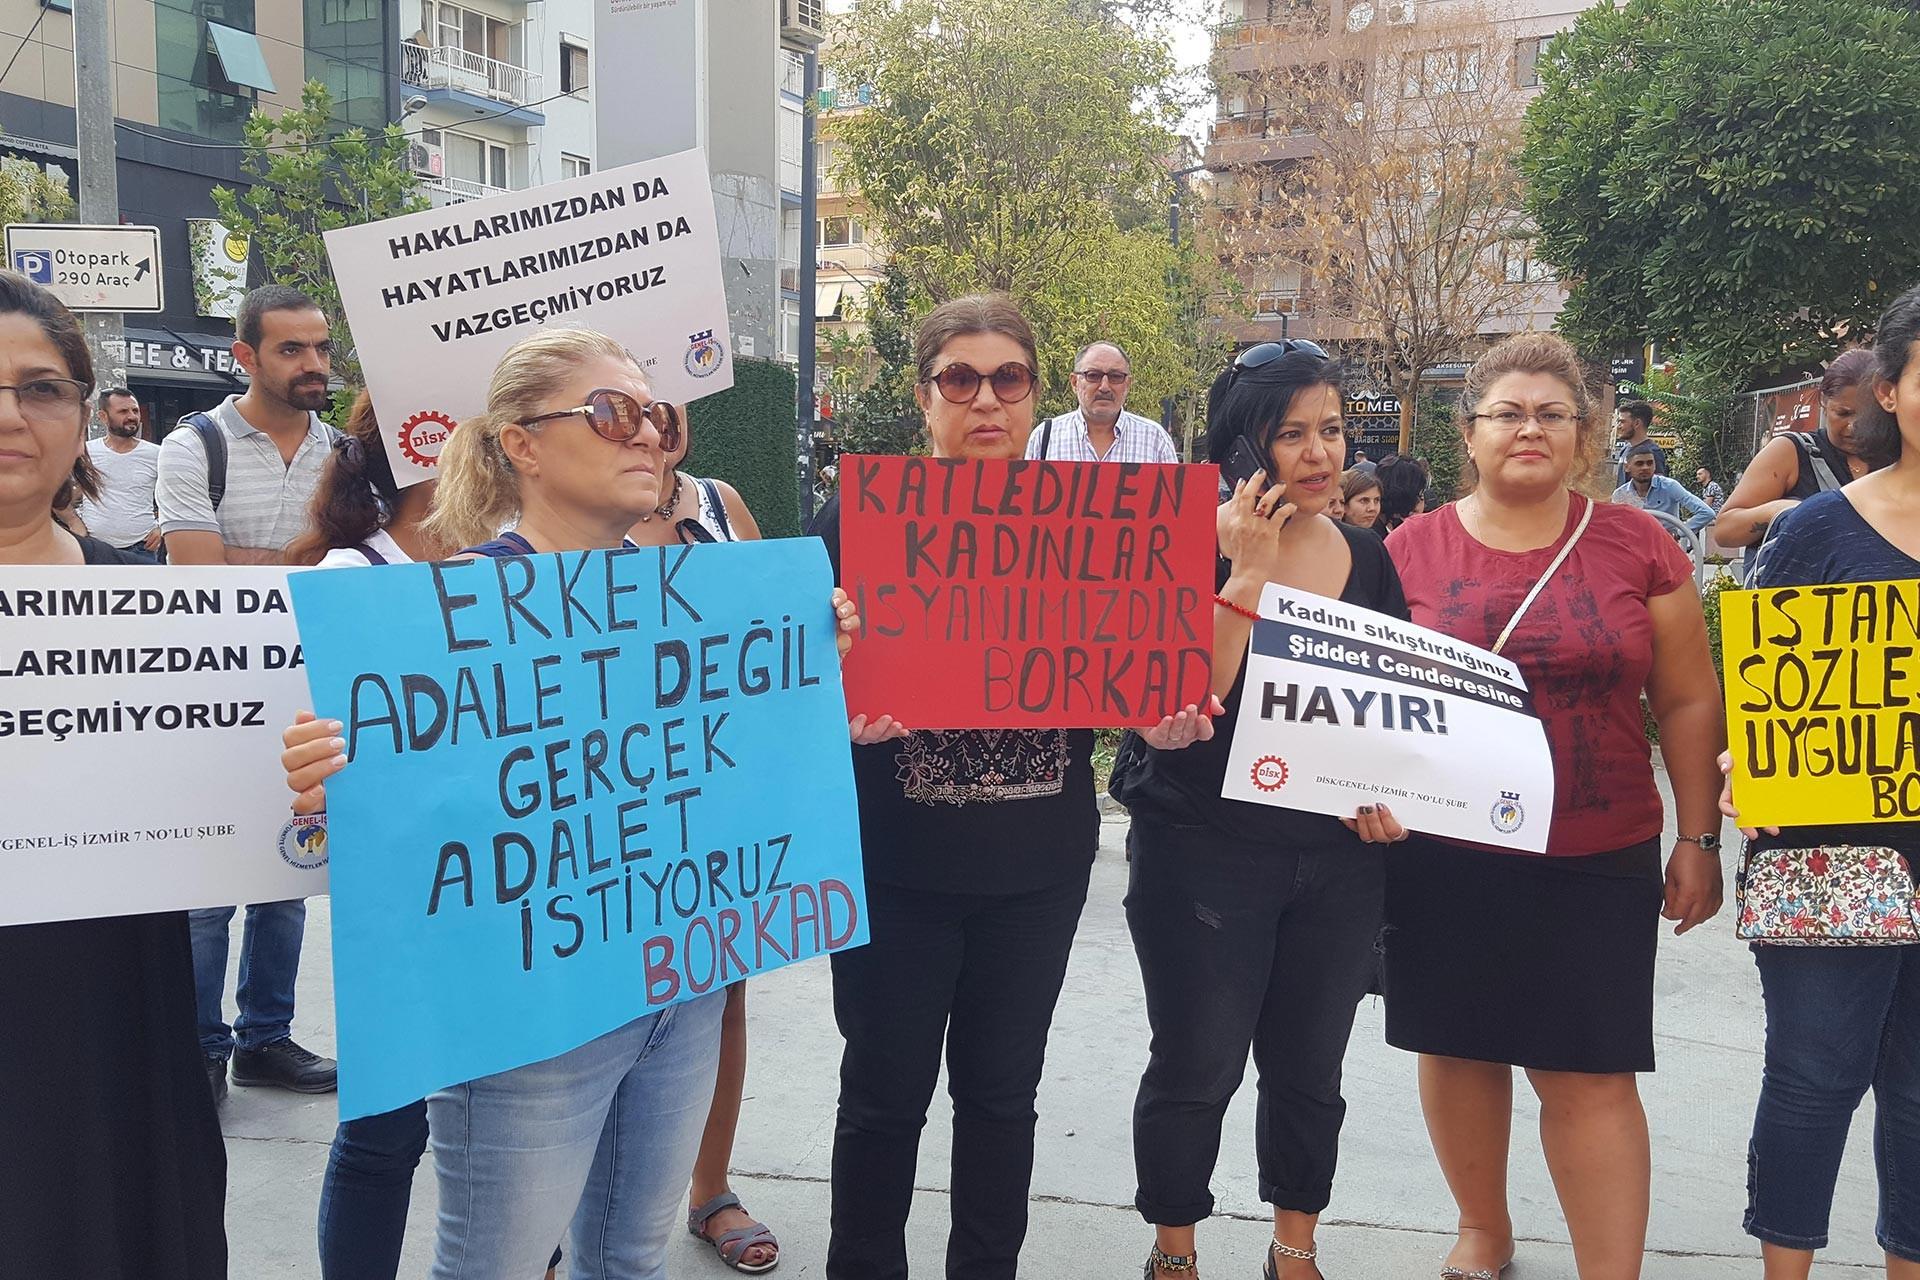 Bursa'da kadına şiddet | 'Sonumun Emine Bulut gibi olmasını istemiyorum'